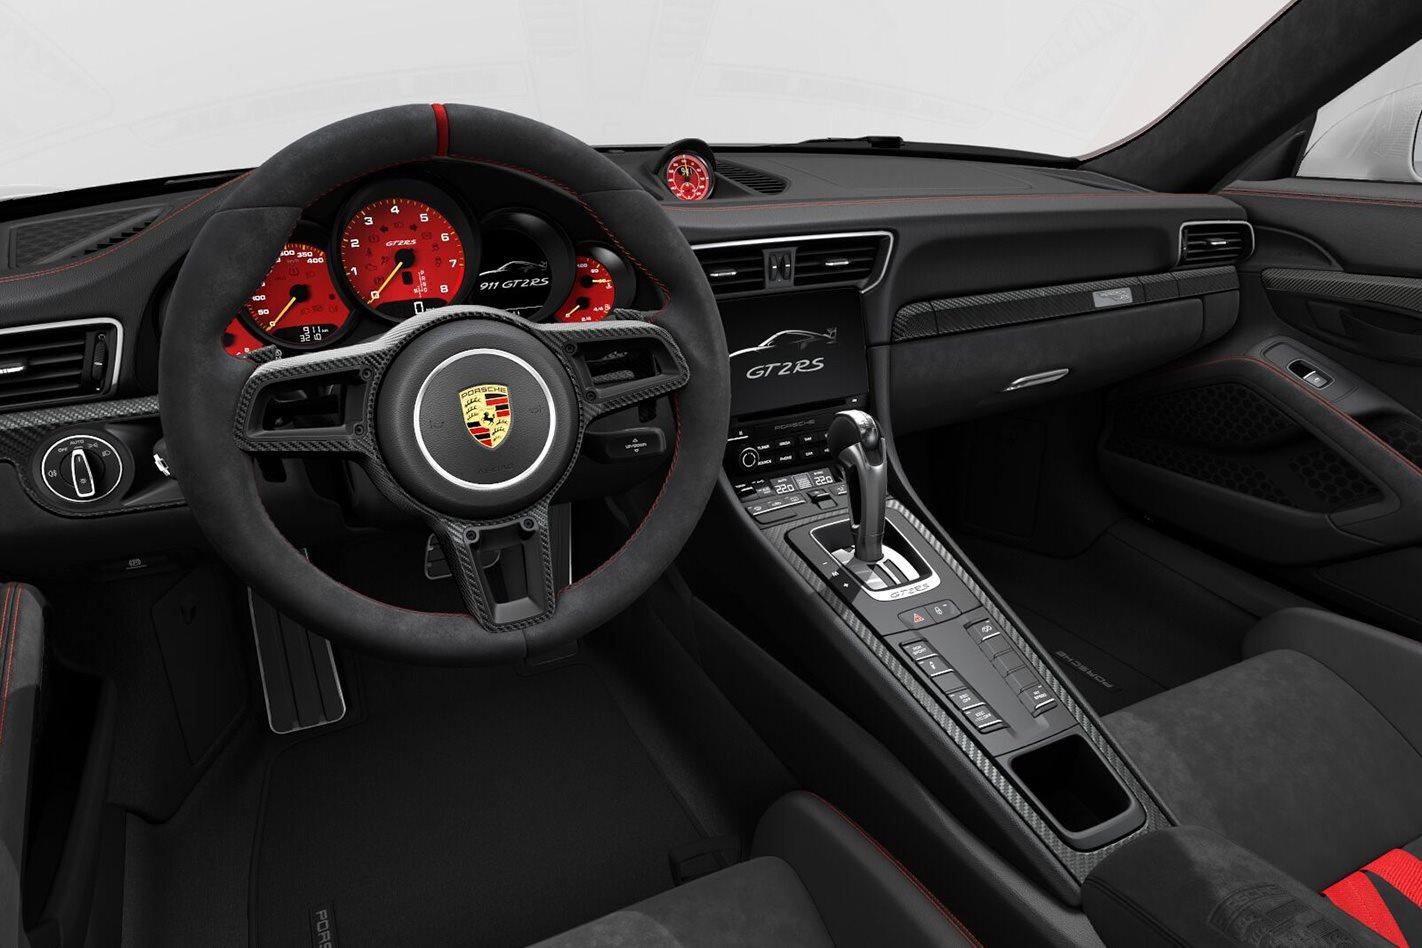 GT2 interior